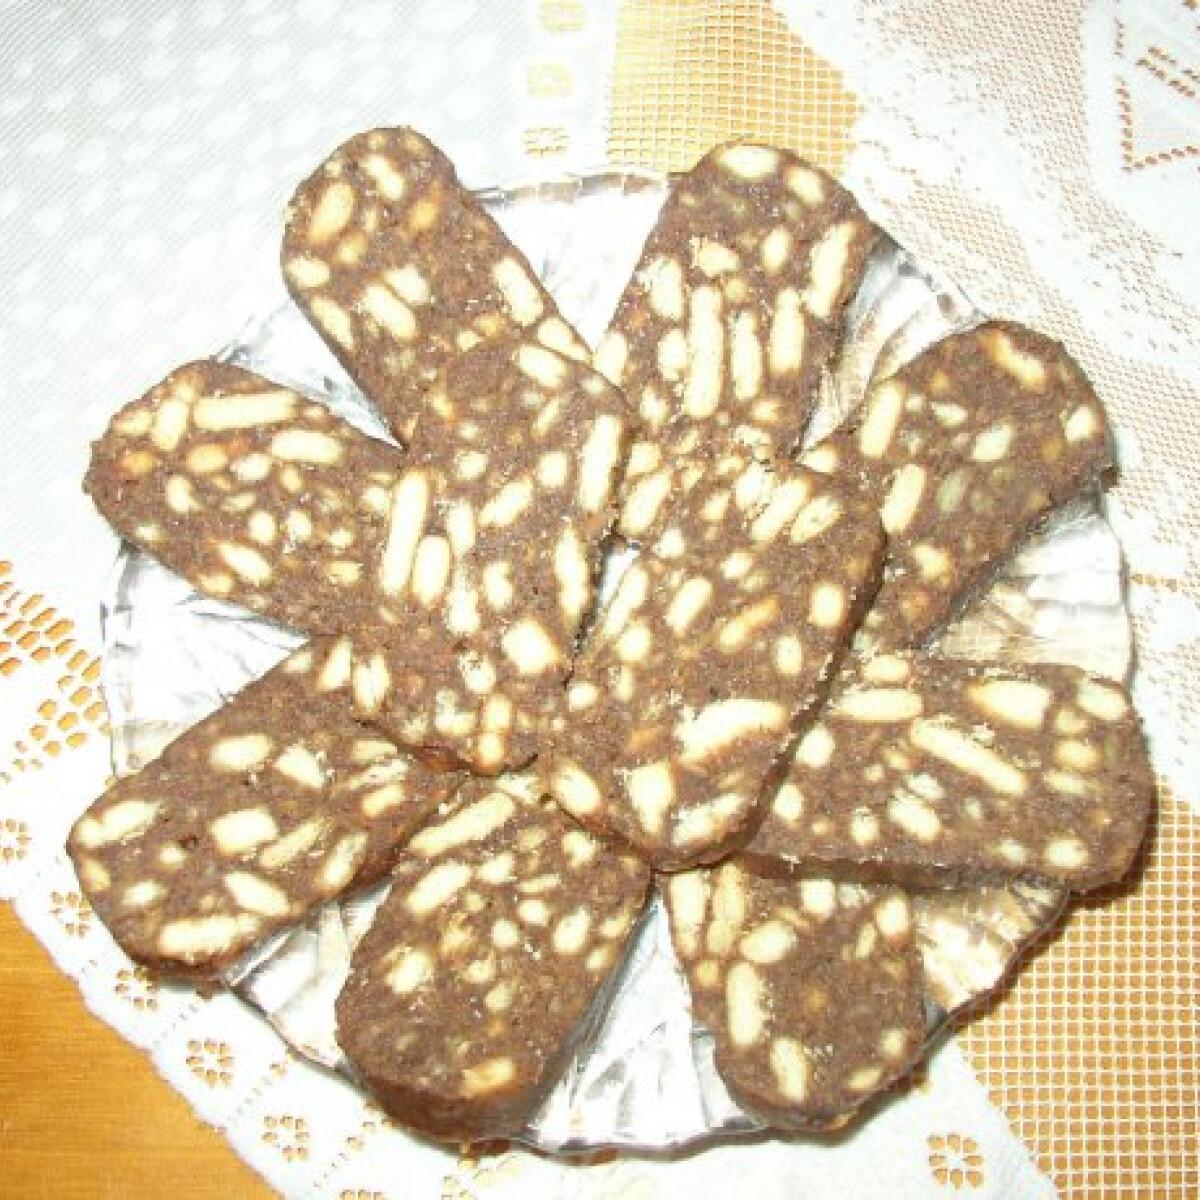 Csokis kekszszalámi